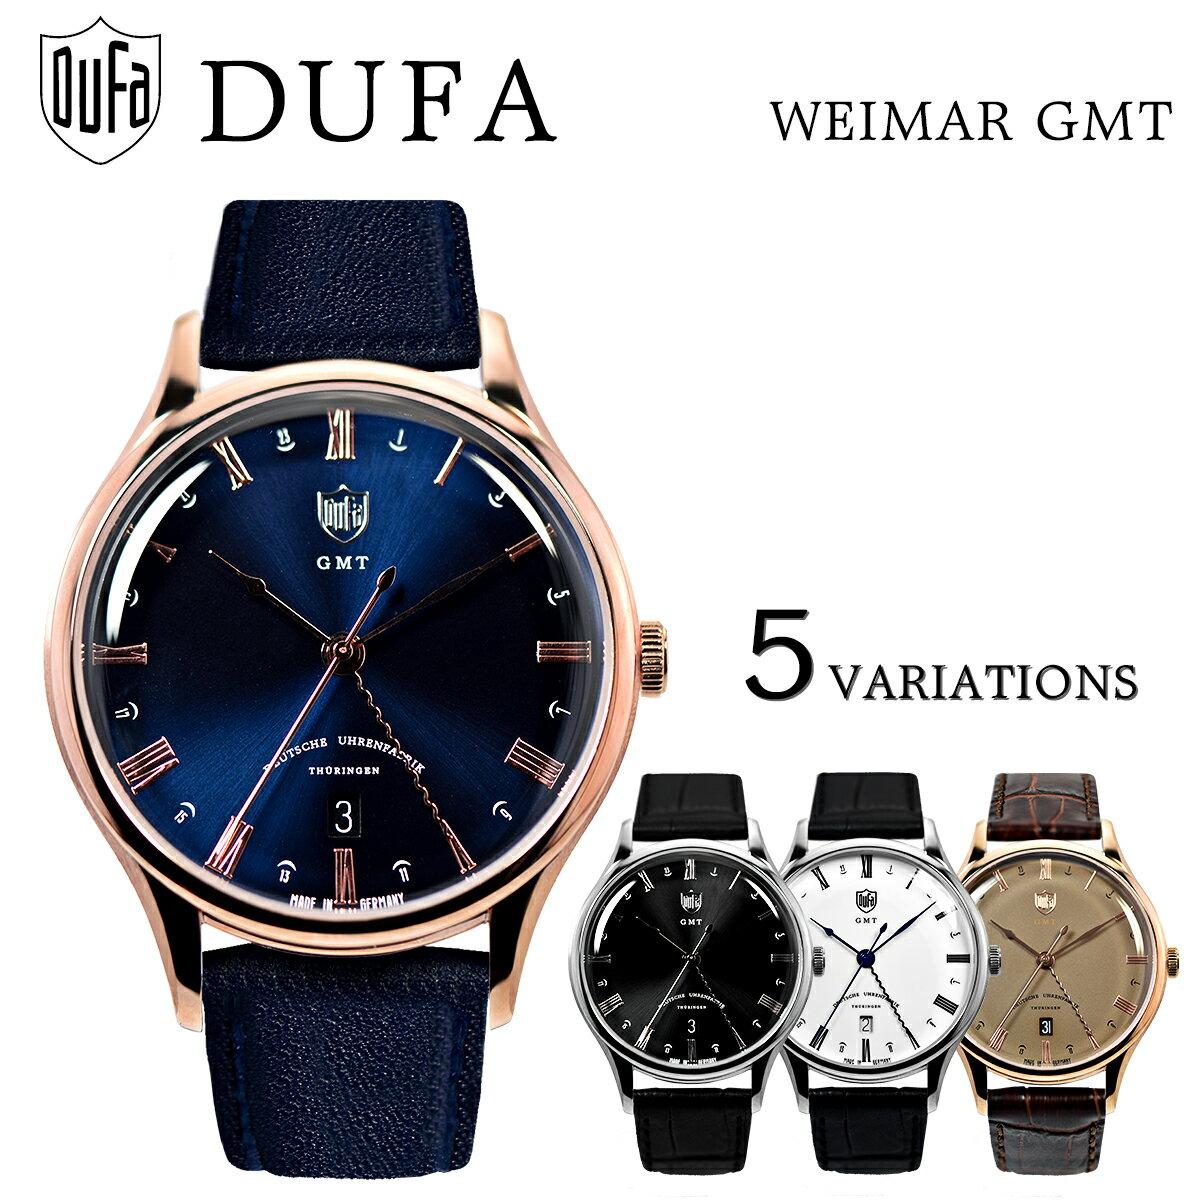 DUFA ドゥッファ WEIMAR GMT ヴァイマール DF-9006-01 DF-9006-02 DF-9006-04 DF-9006-09 DF-9006-0A 時計 腕時計 メンズ レディース 男性 女性 ホワイト ブラック ゴールド ネイビー おしゃれ プレゼント 贈り物 ギフト ドイツ バウハウス [海外正規商品][送料無料][あす楽]